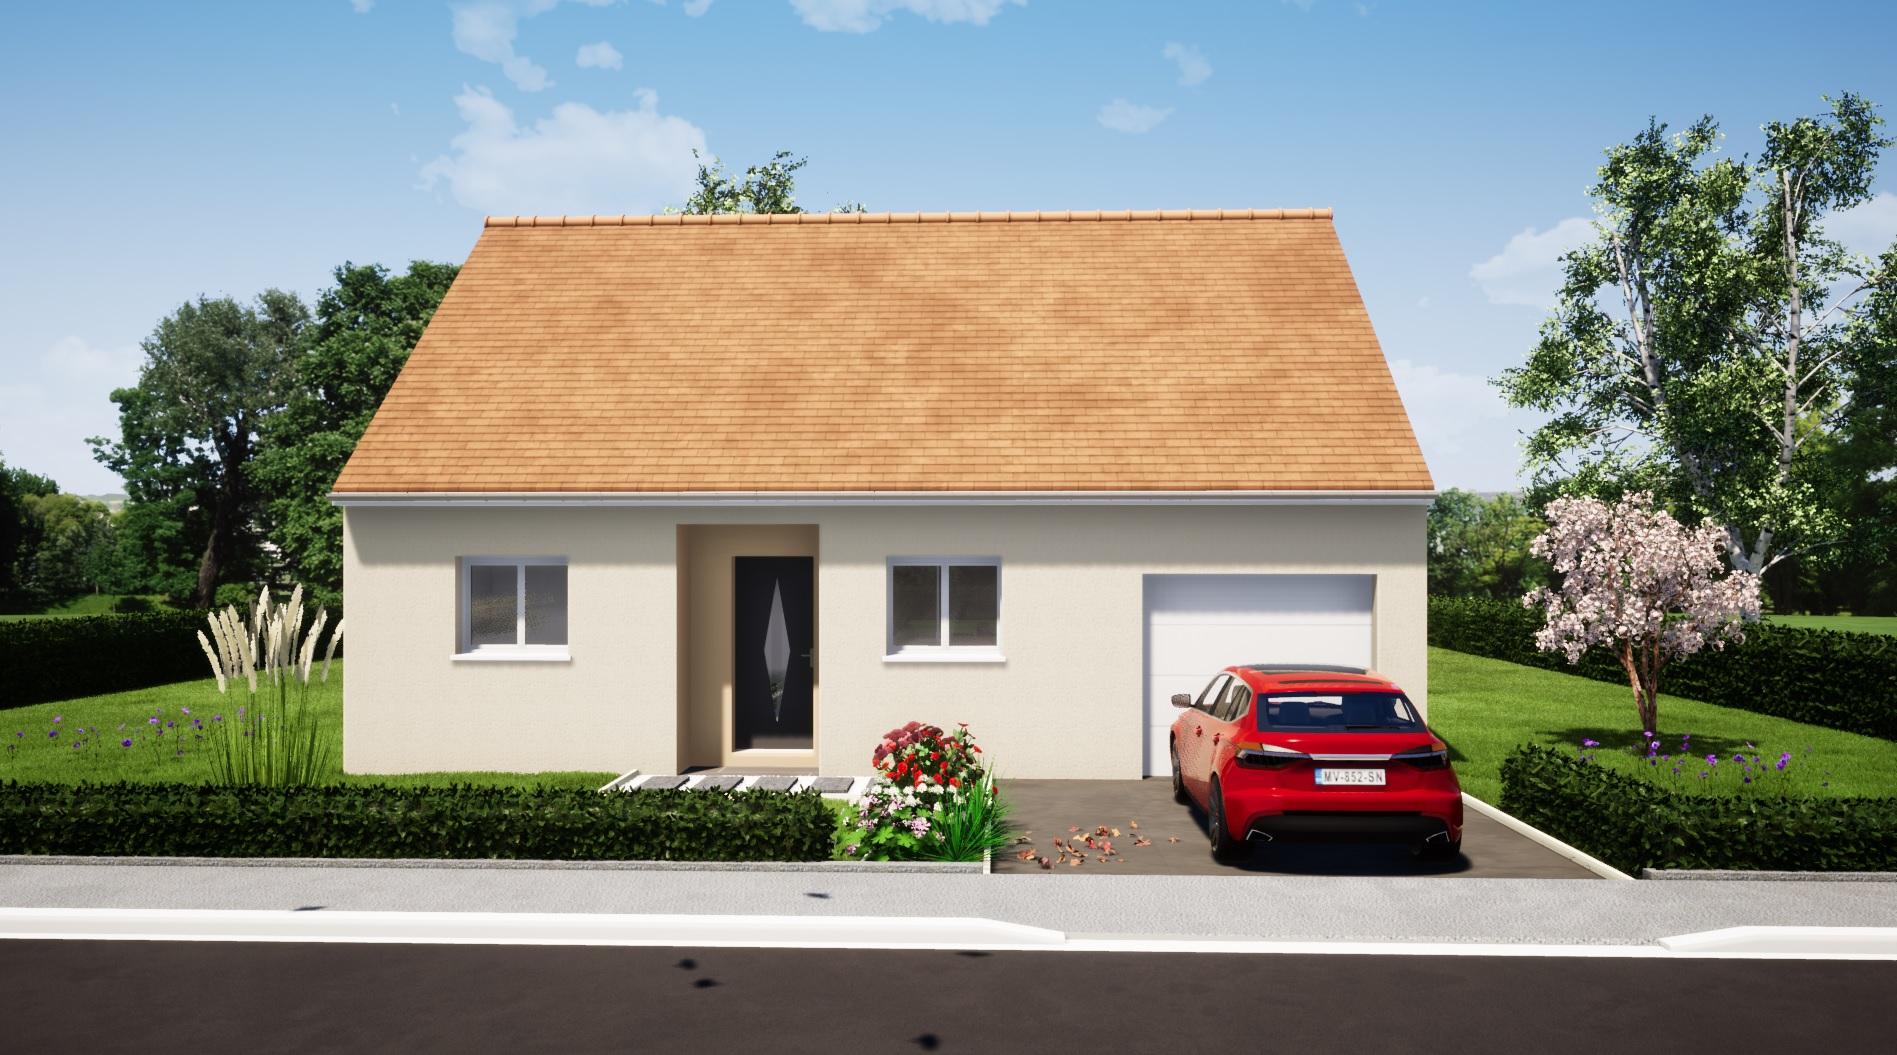 maison 2 chambres + garage plain pied maison lg en sarthe le mans, maison pas cher plan avant moncé en belin